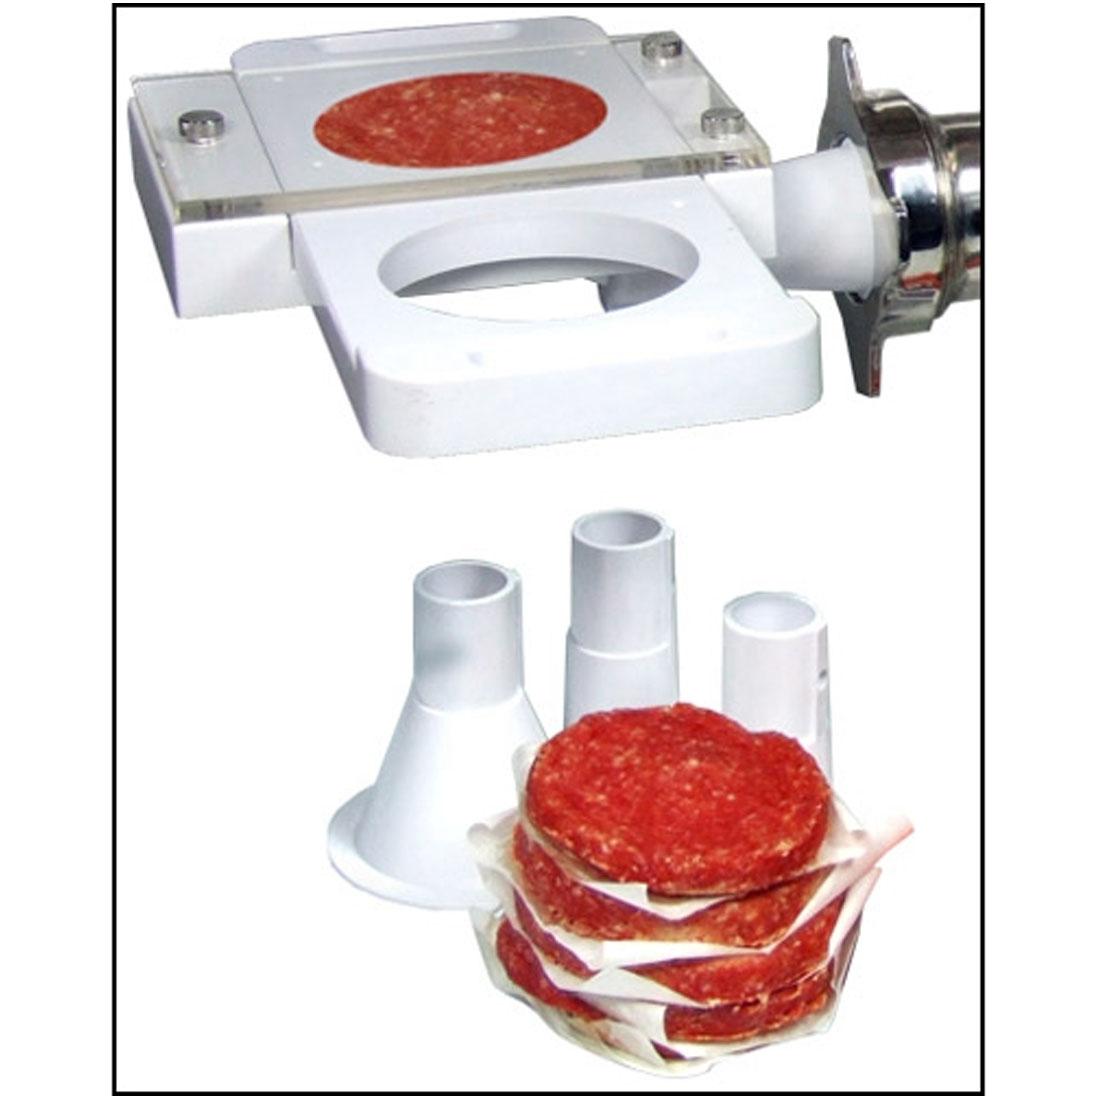 602201 Patty Press Moulds